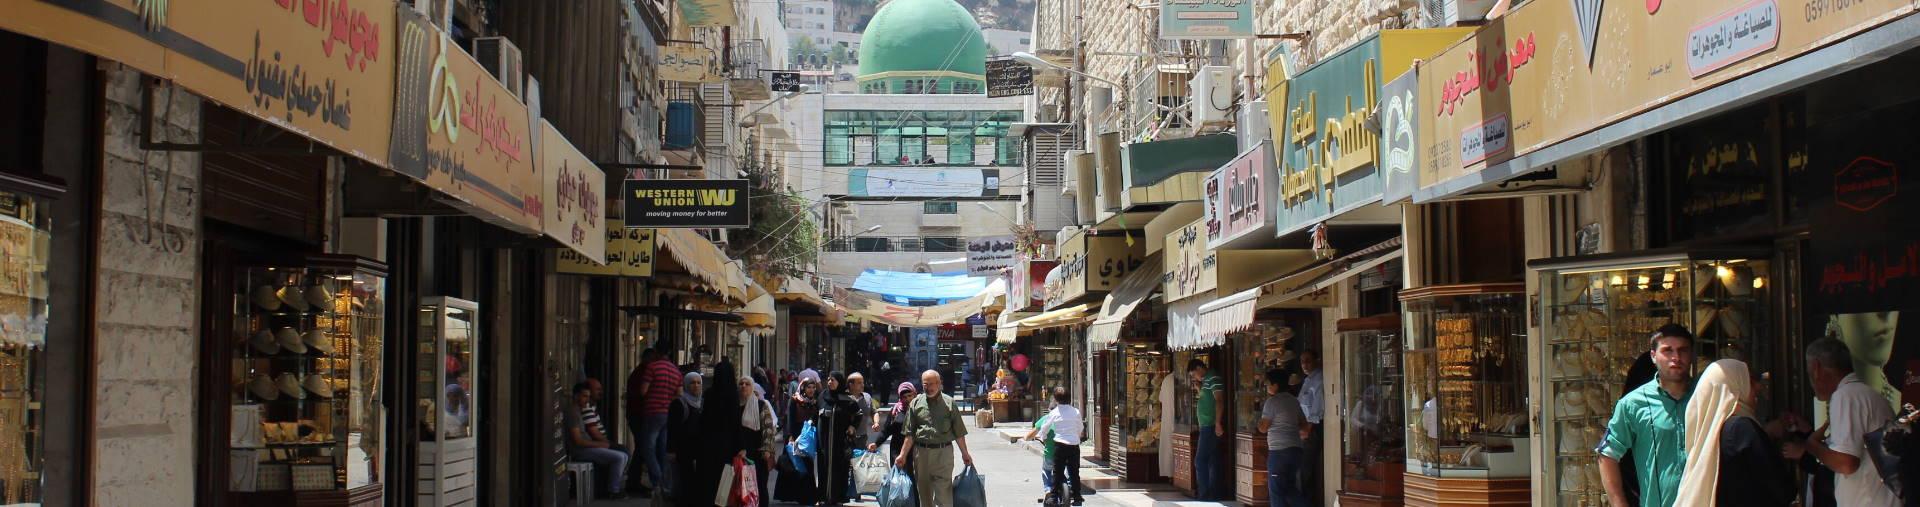 Market in Jenin